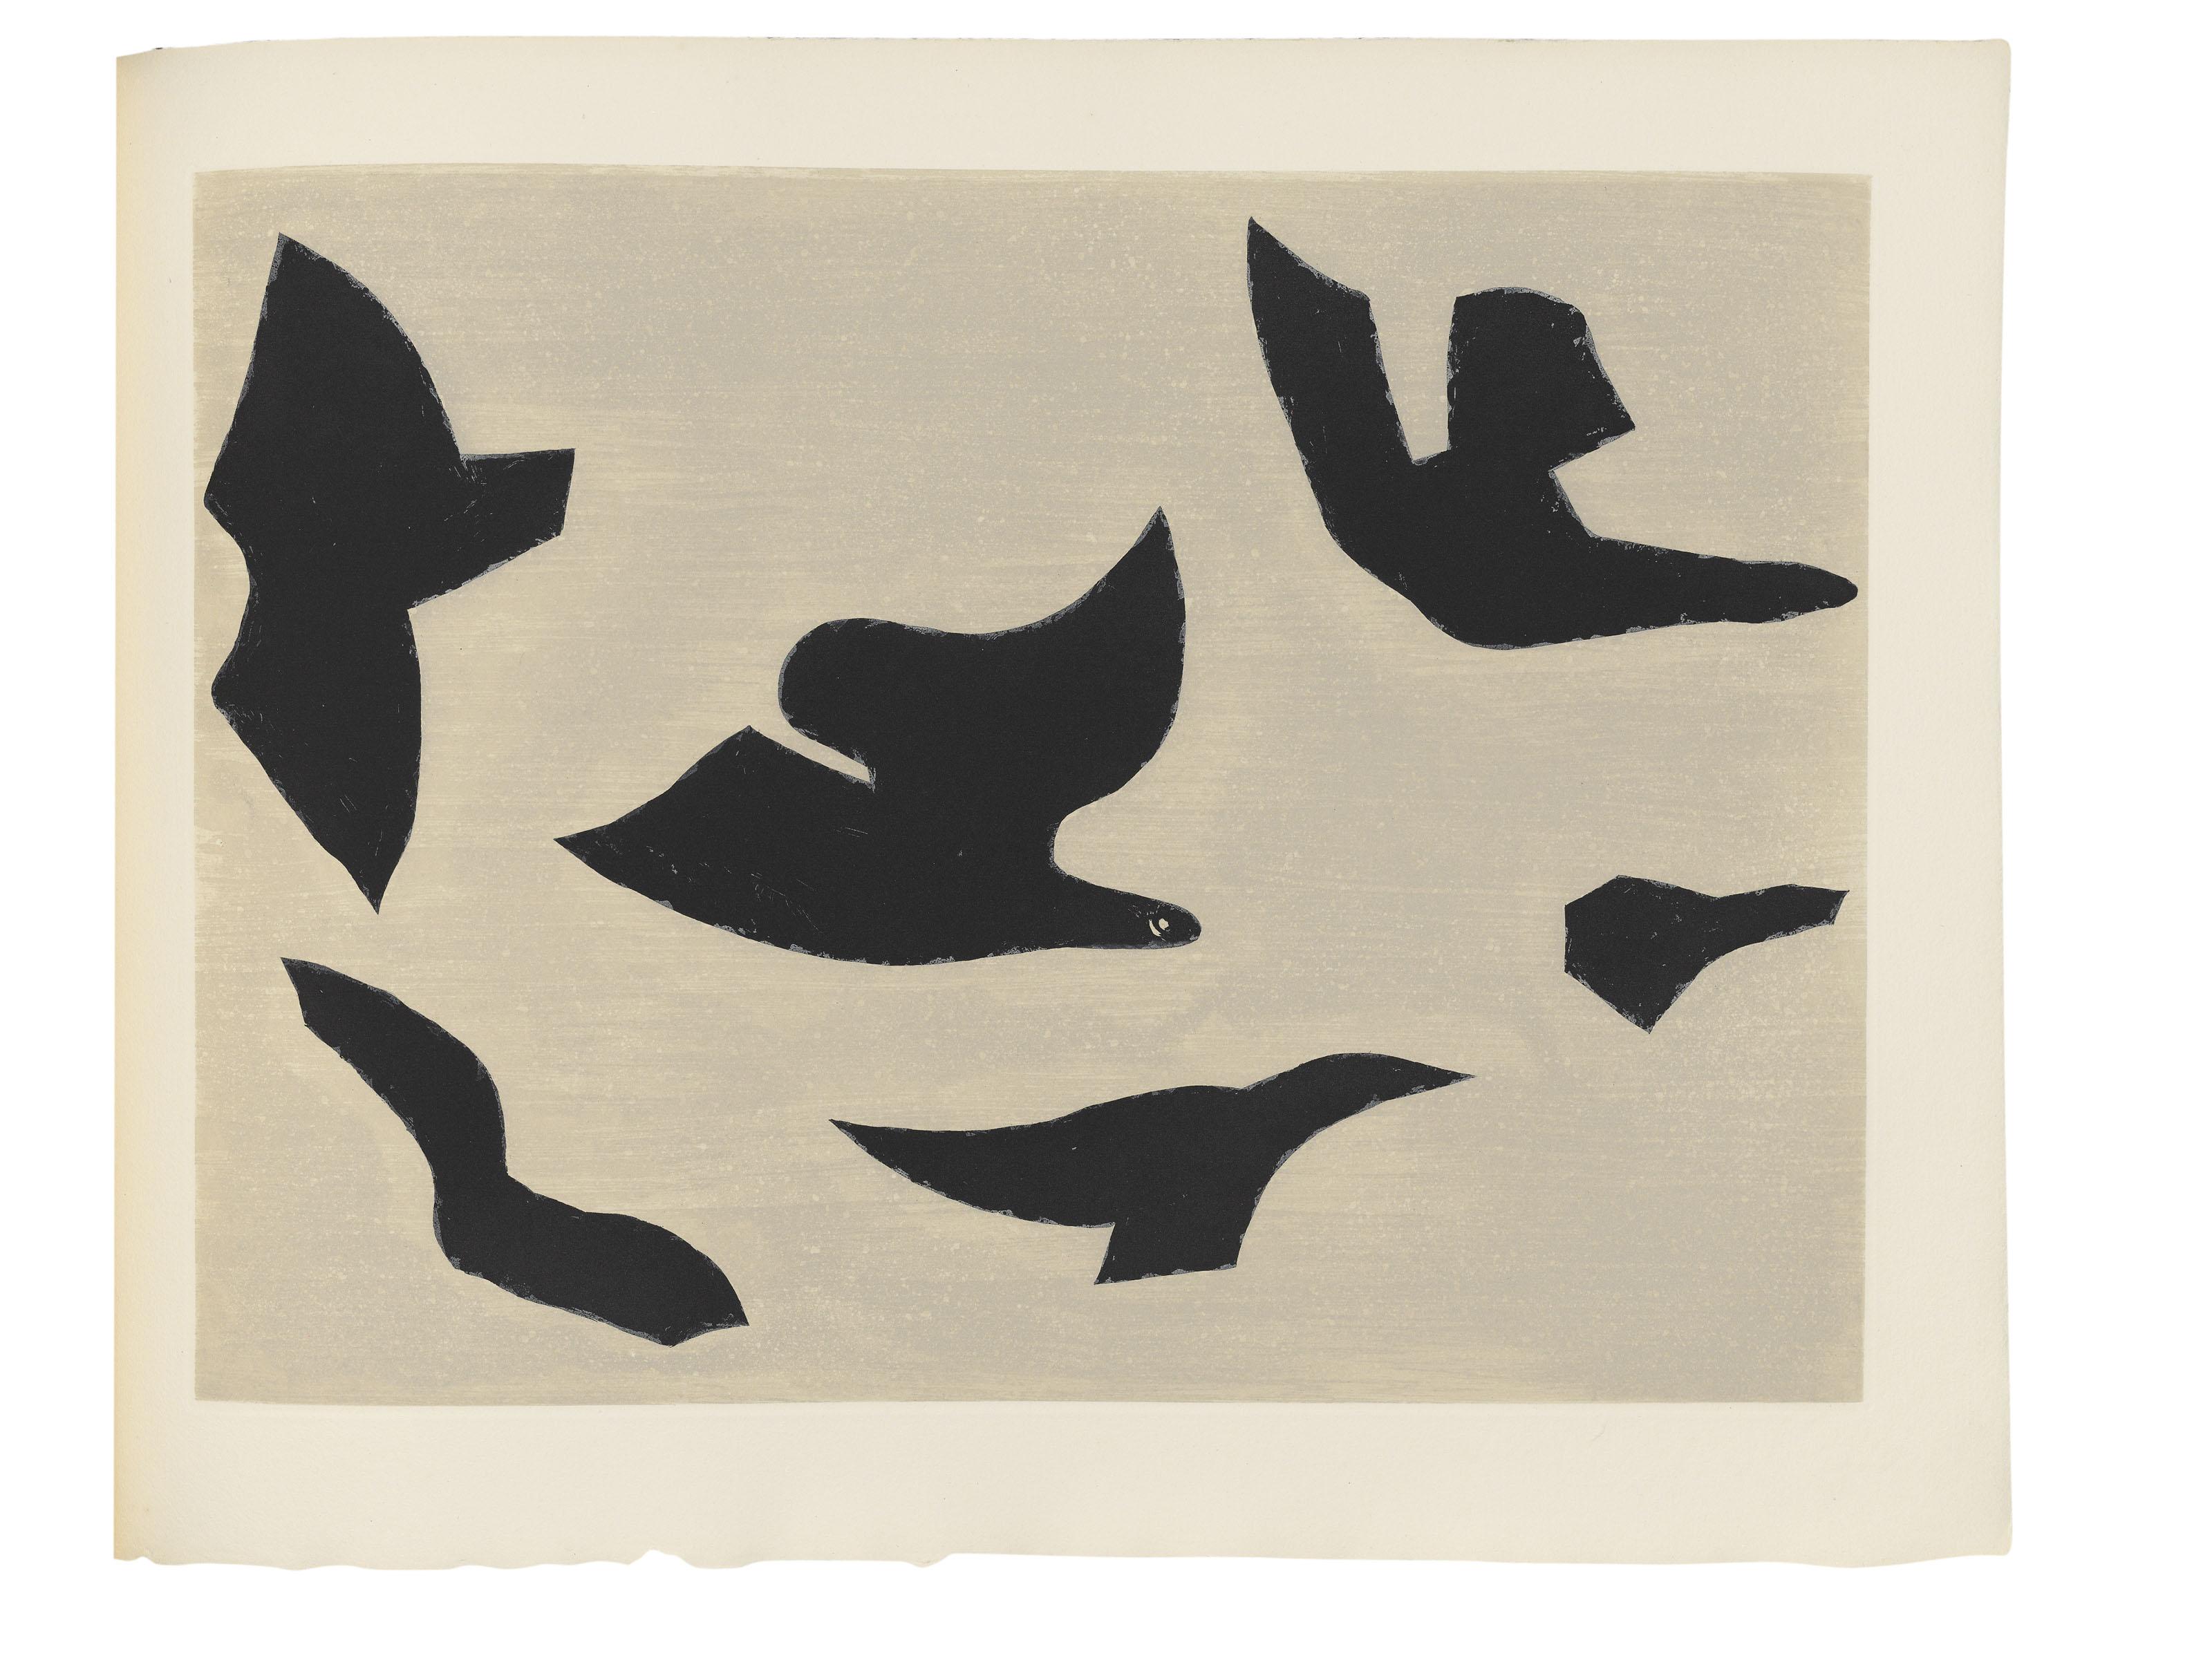 braque-oiseaux-aquarelle-1962